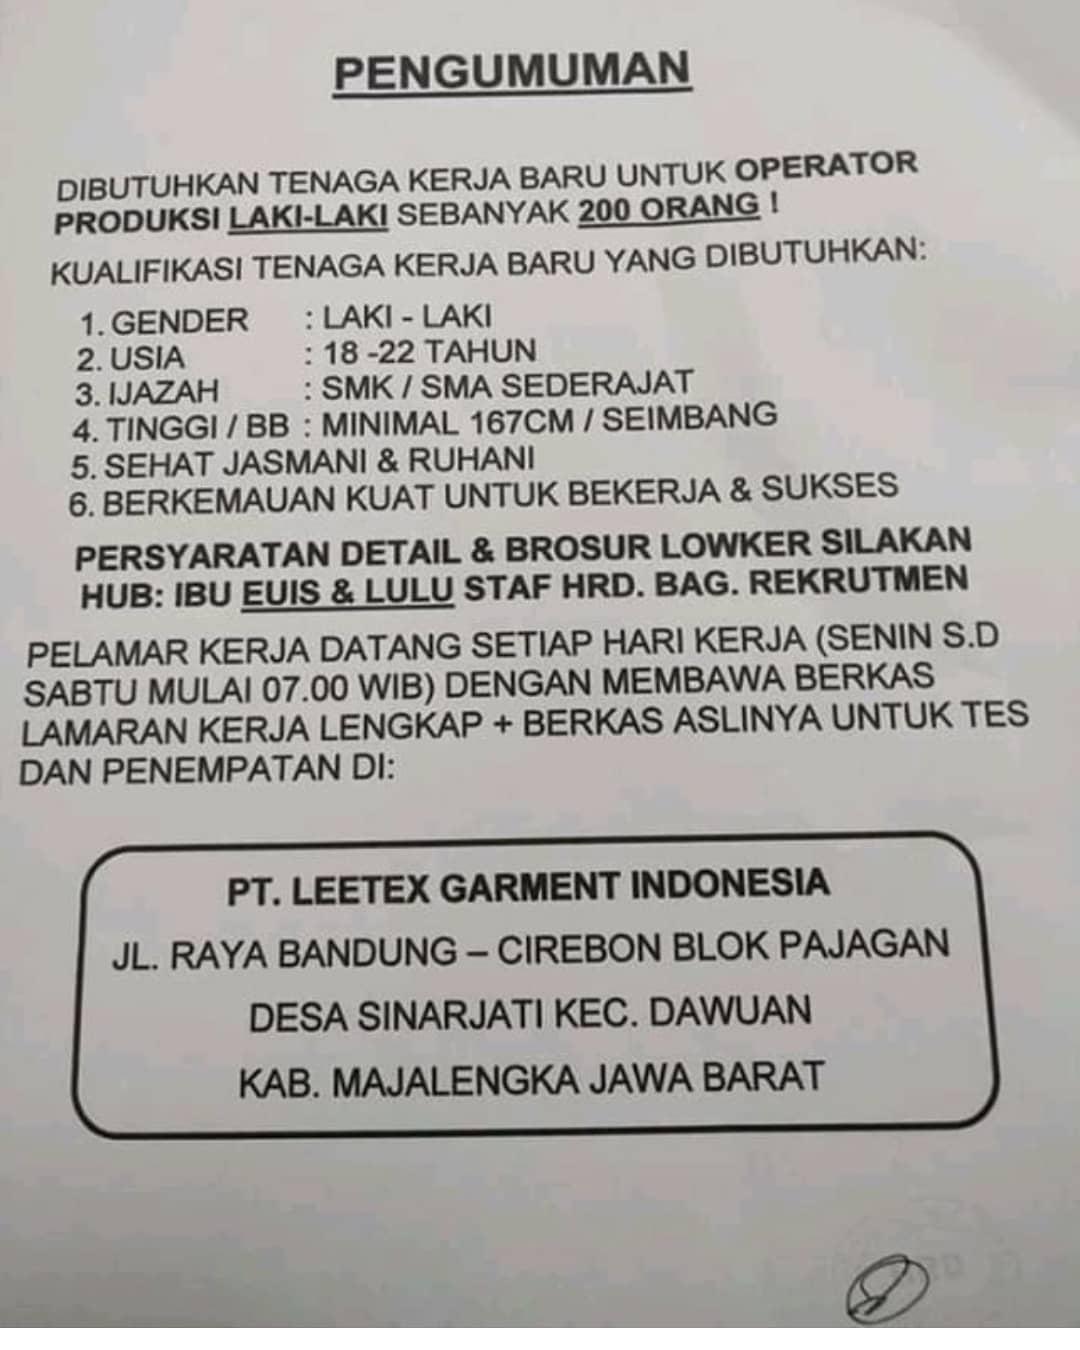 Lowongan Kerja Pt Leetex Garment Indonesia 2021